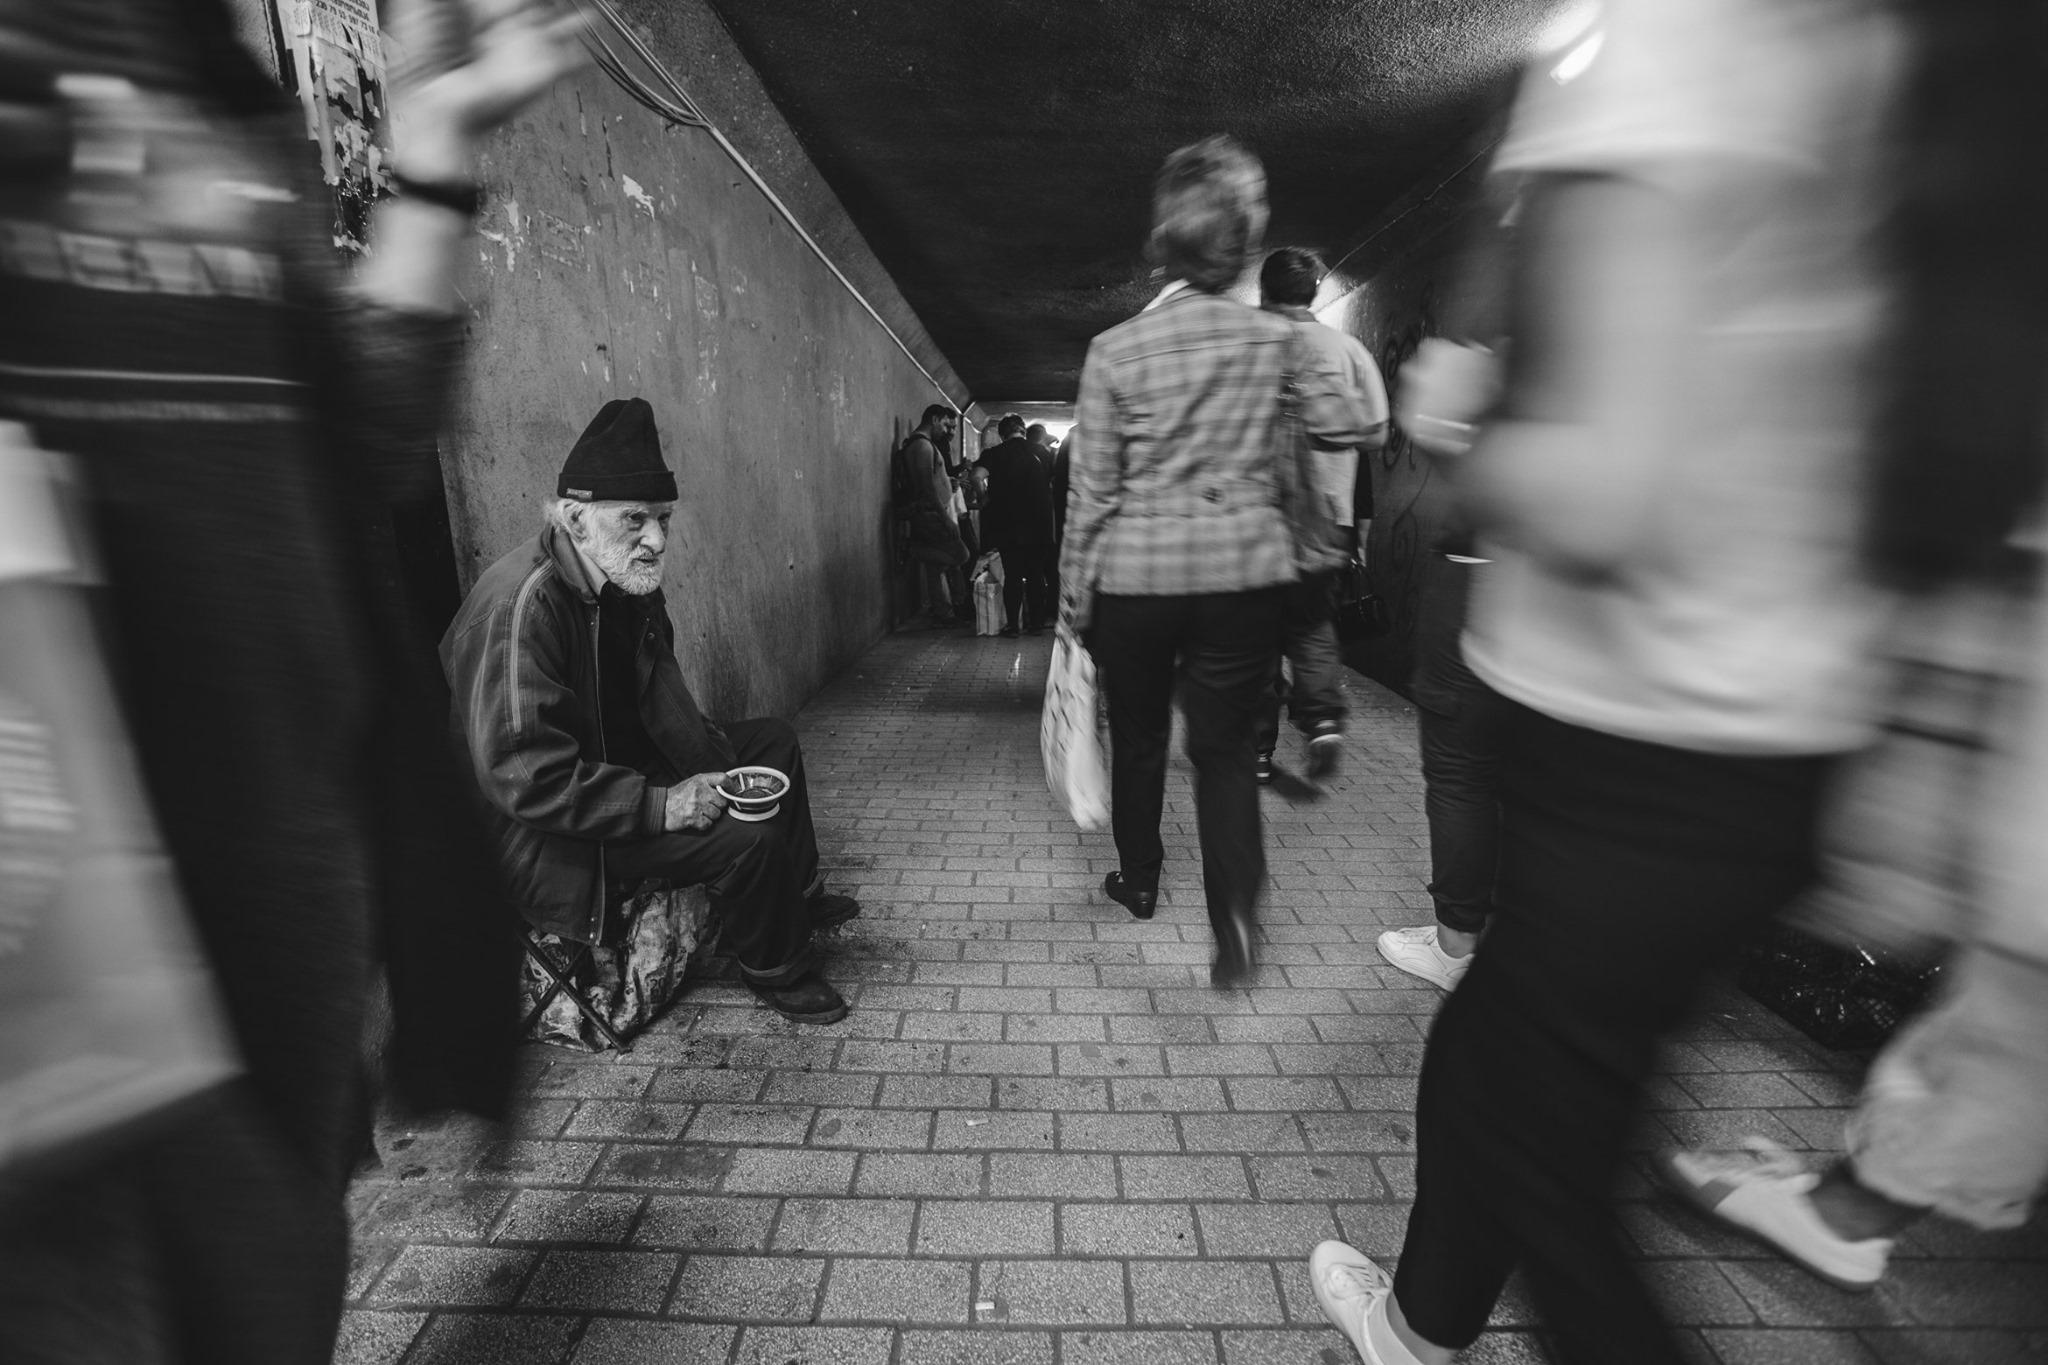 სიღარიბე, თბილისი, ხალხი, მიწისქვეშა გადასასვლელი, Poverty, Tbilisi, people, underground passage,